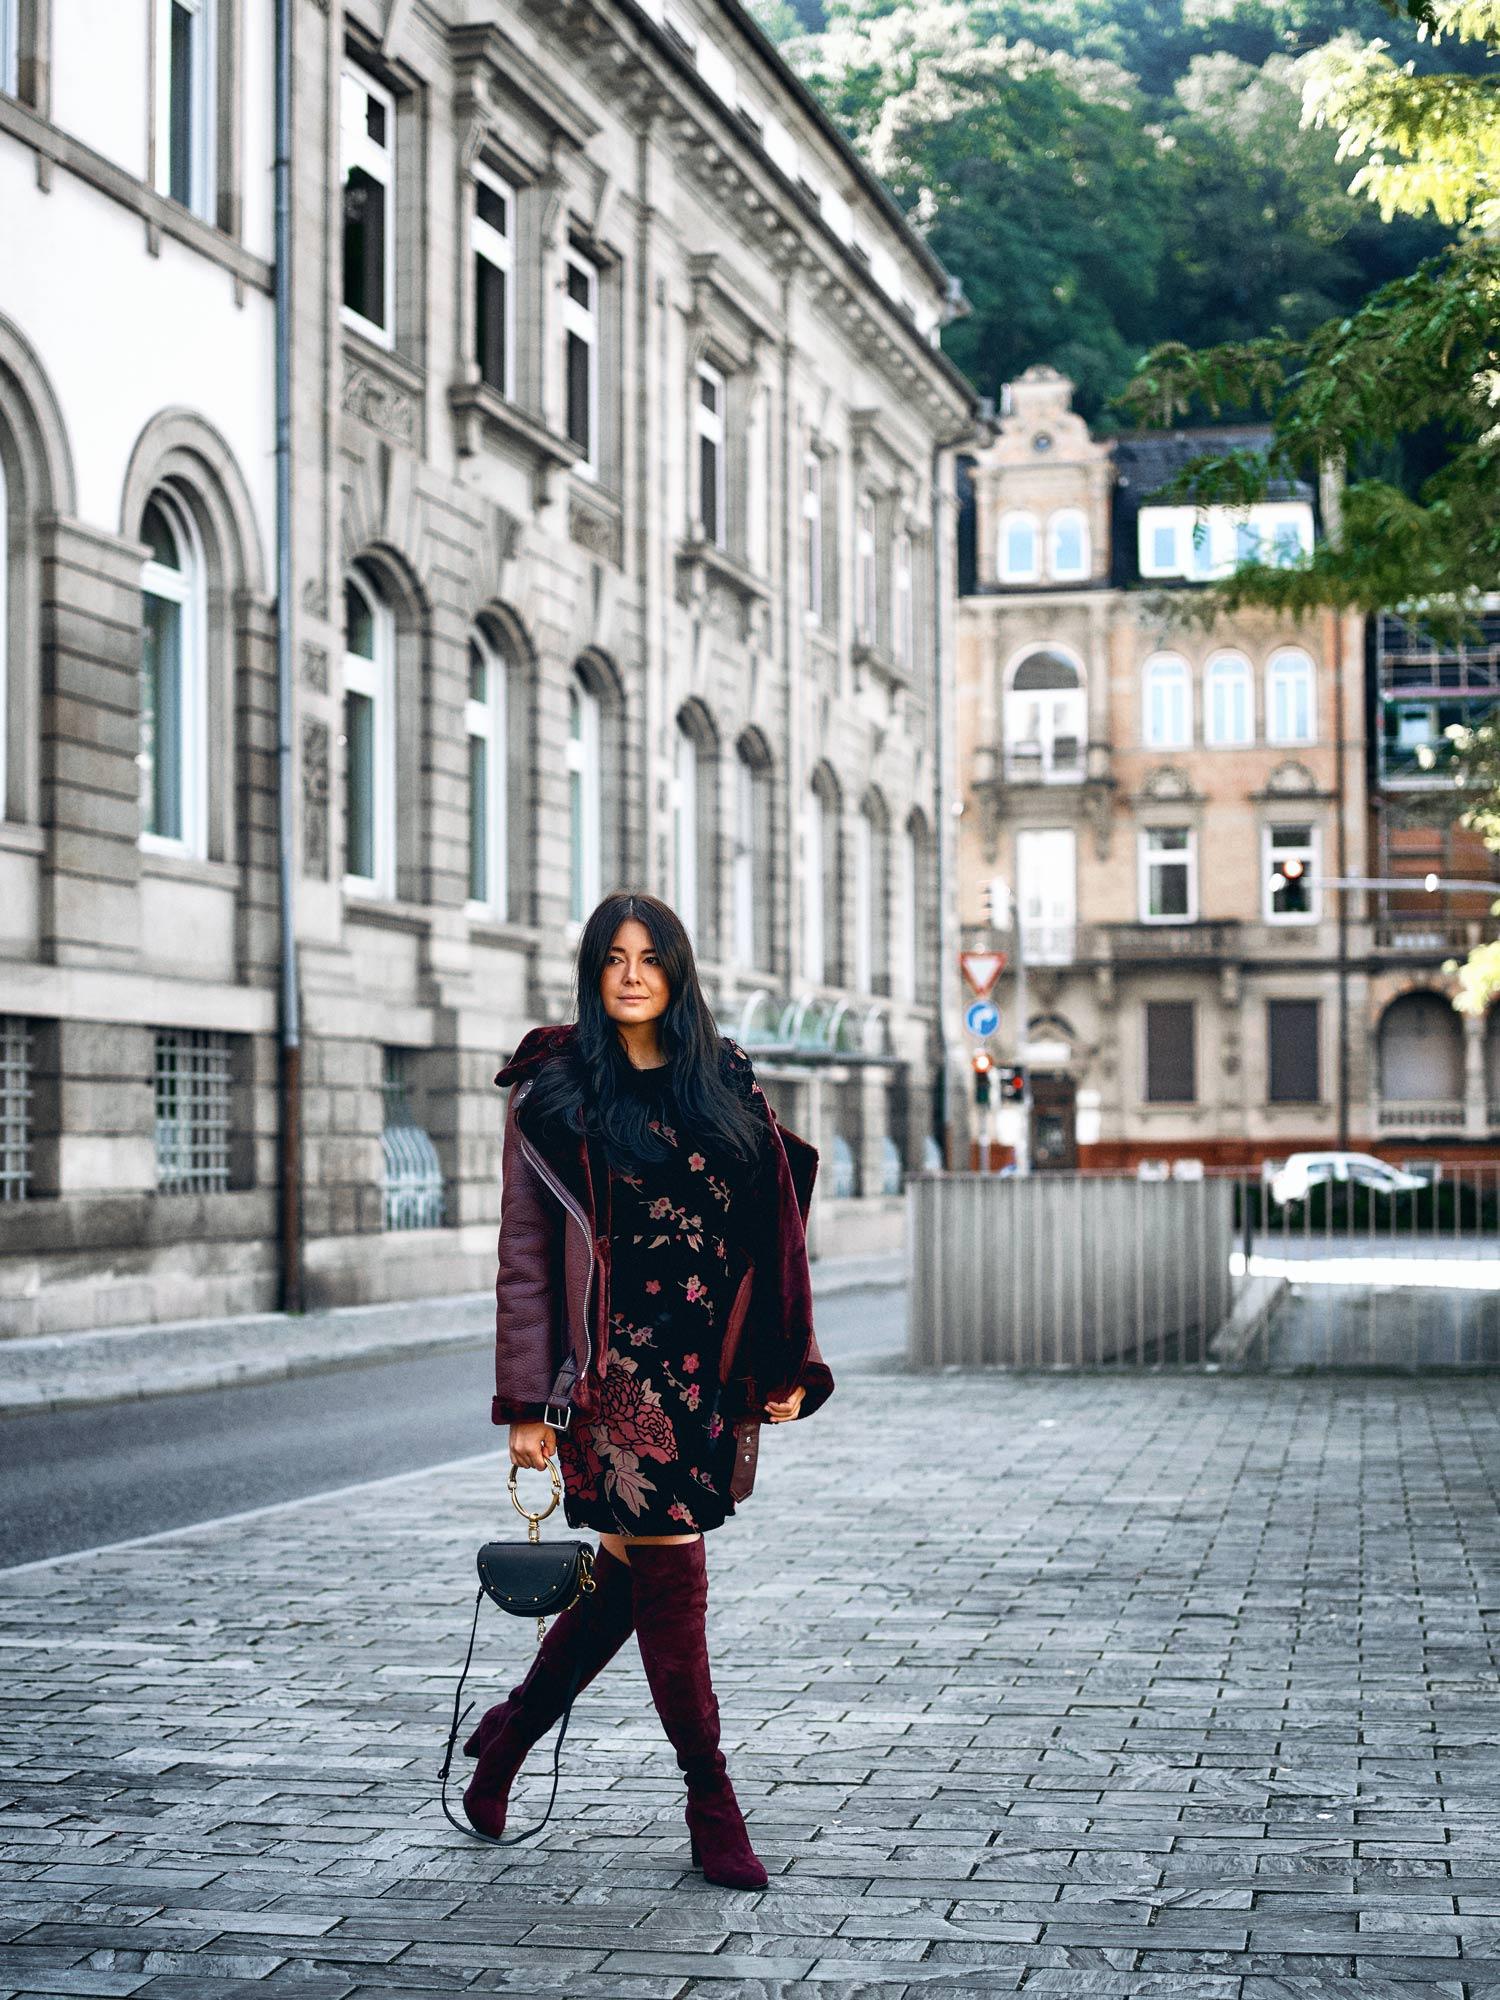 bloggerdeutschland-fashionblogger-fashionblog-lifestyleblogger-beautyblogger-fashion-blogger-modeblogger-modeblog-munich-blog-muenchen-bikerjacke-zum-verlieben